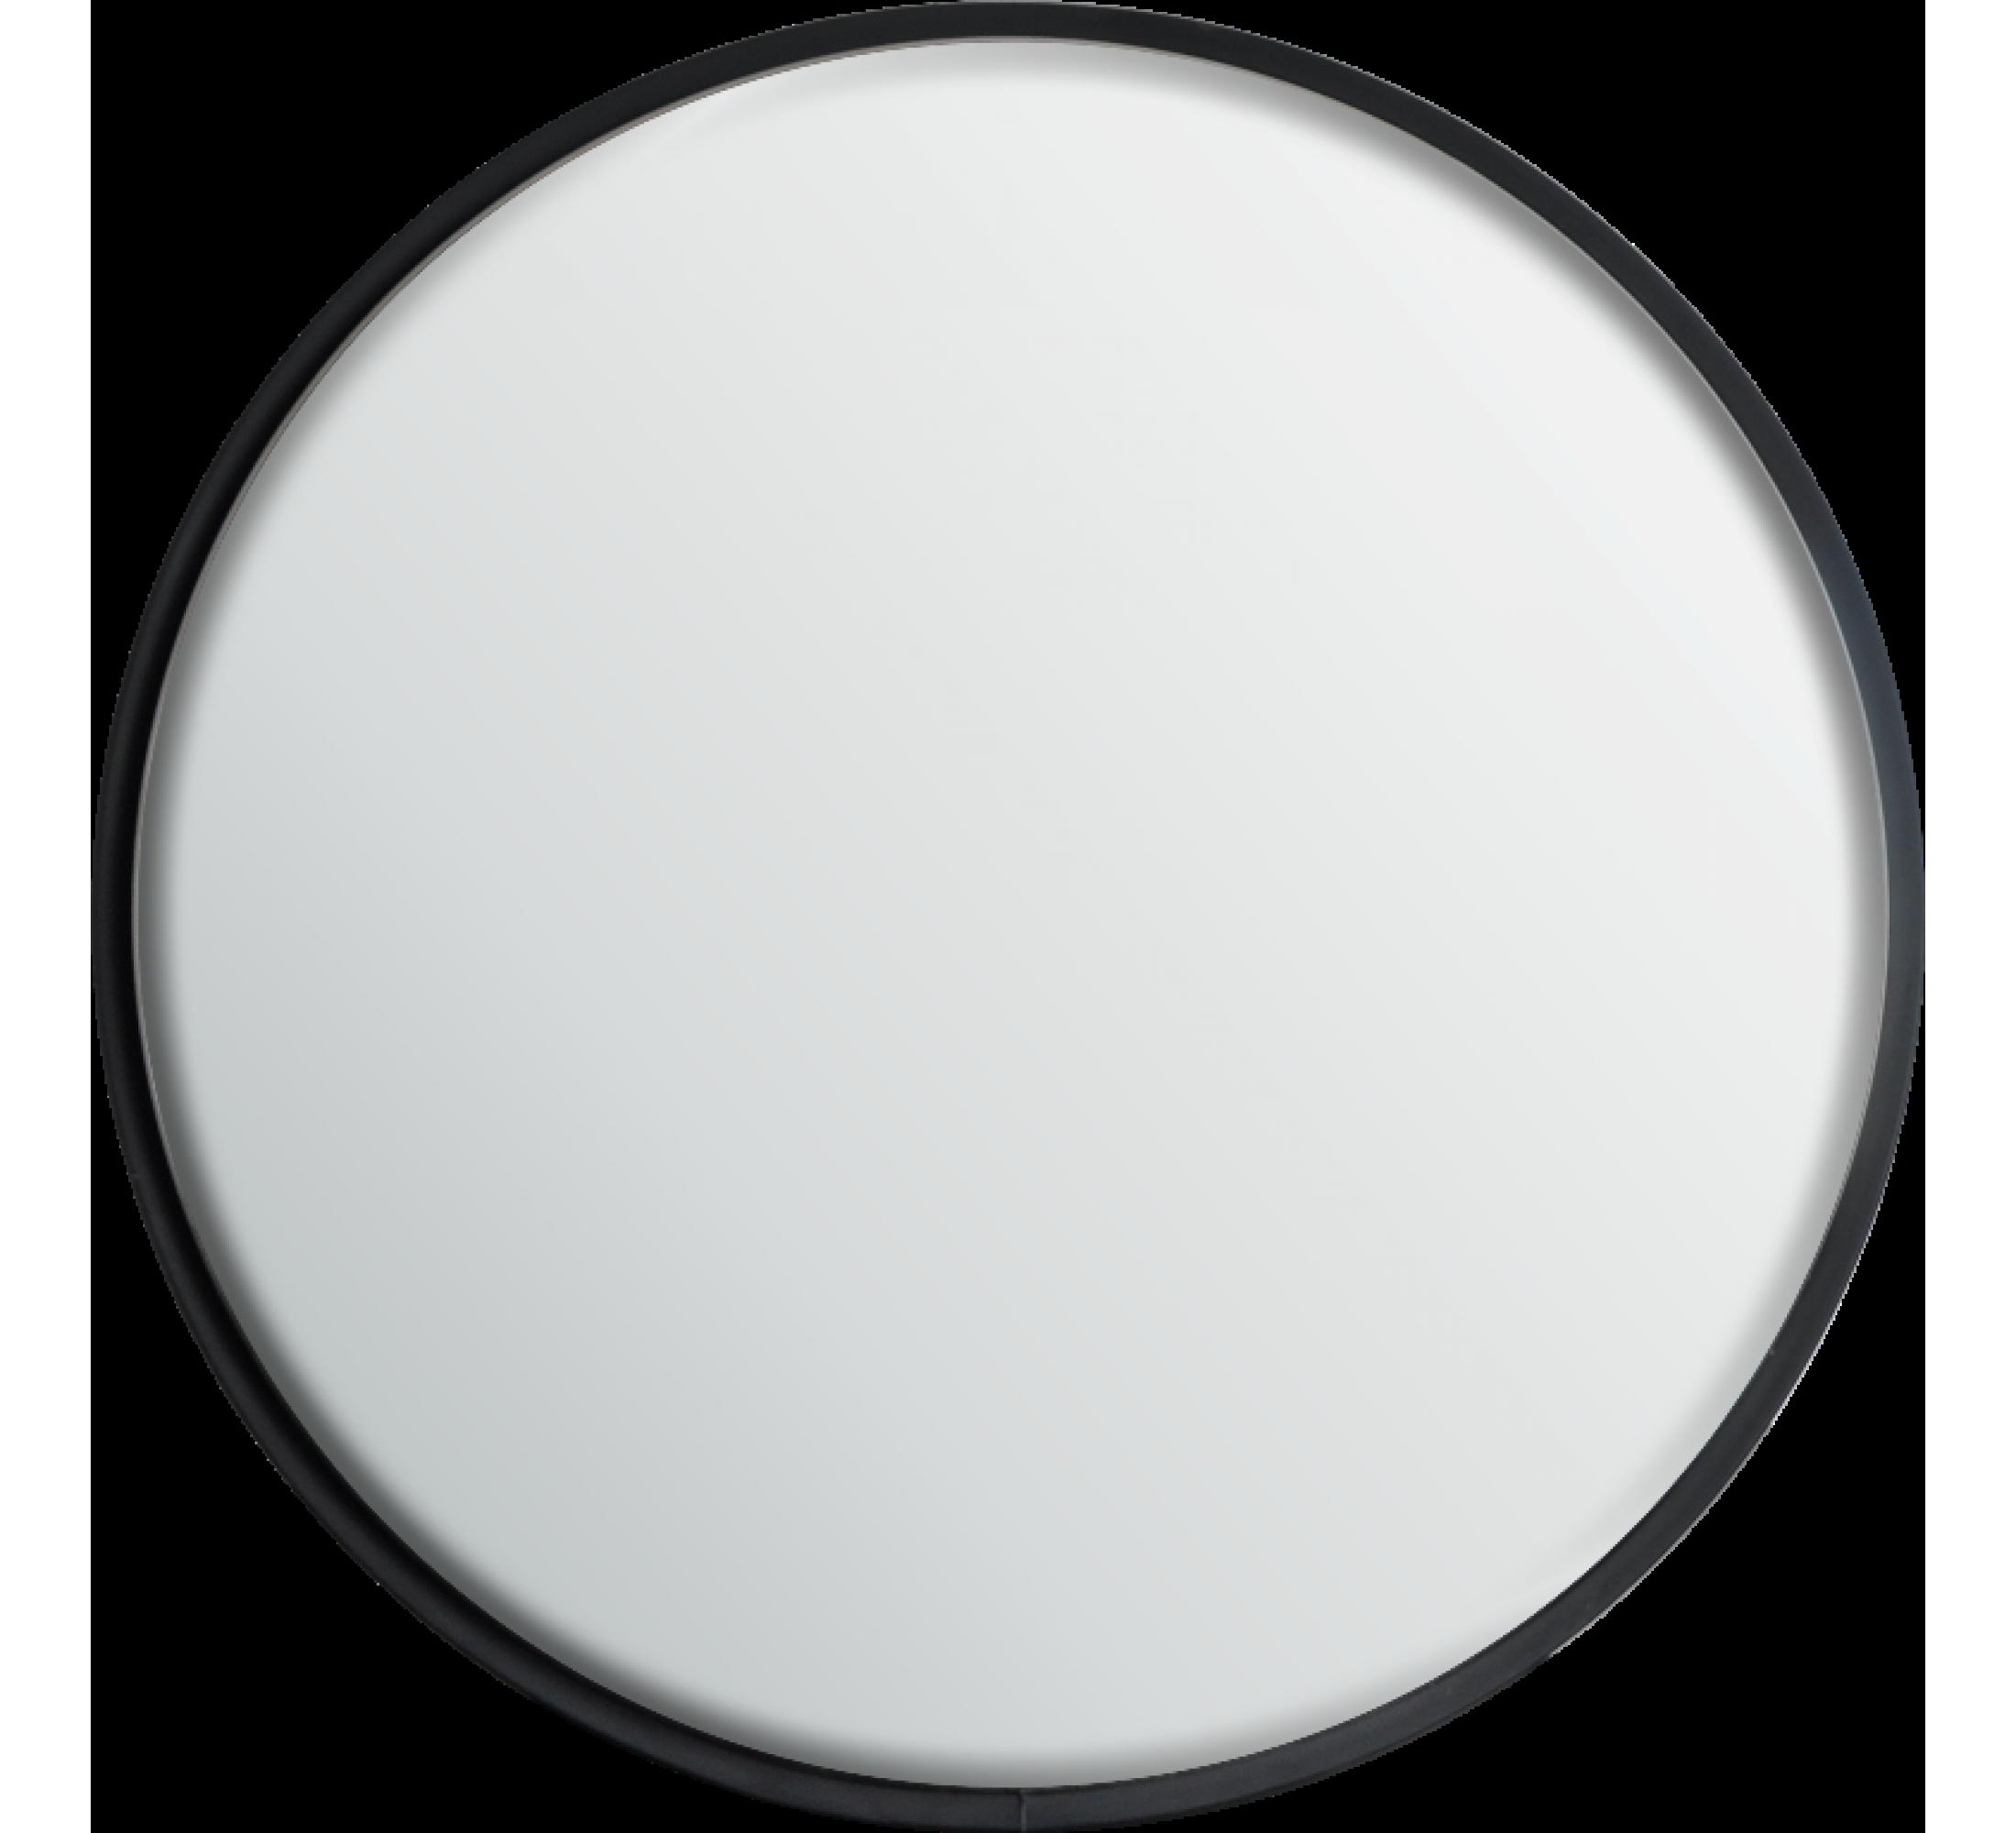 Круглое сферическое зеркало Steel Crafts D-490 для помещений